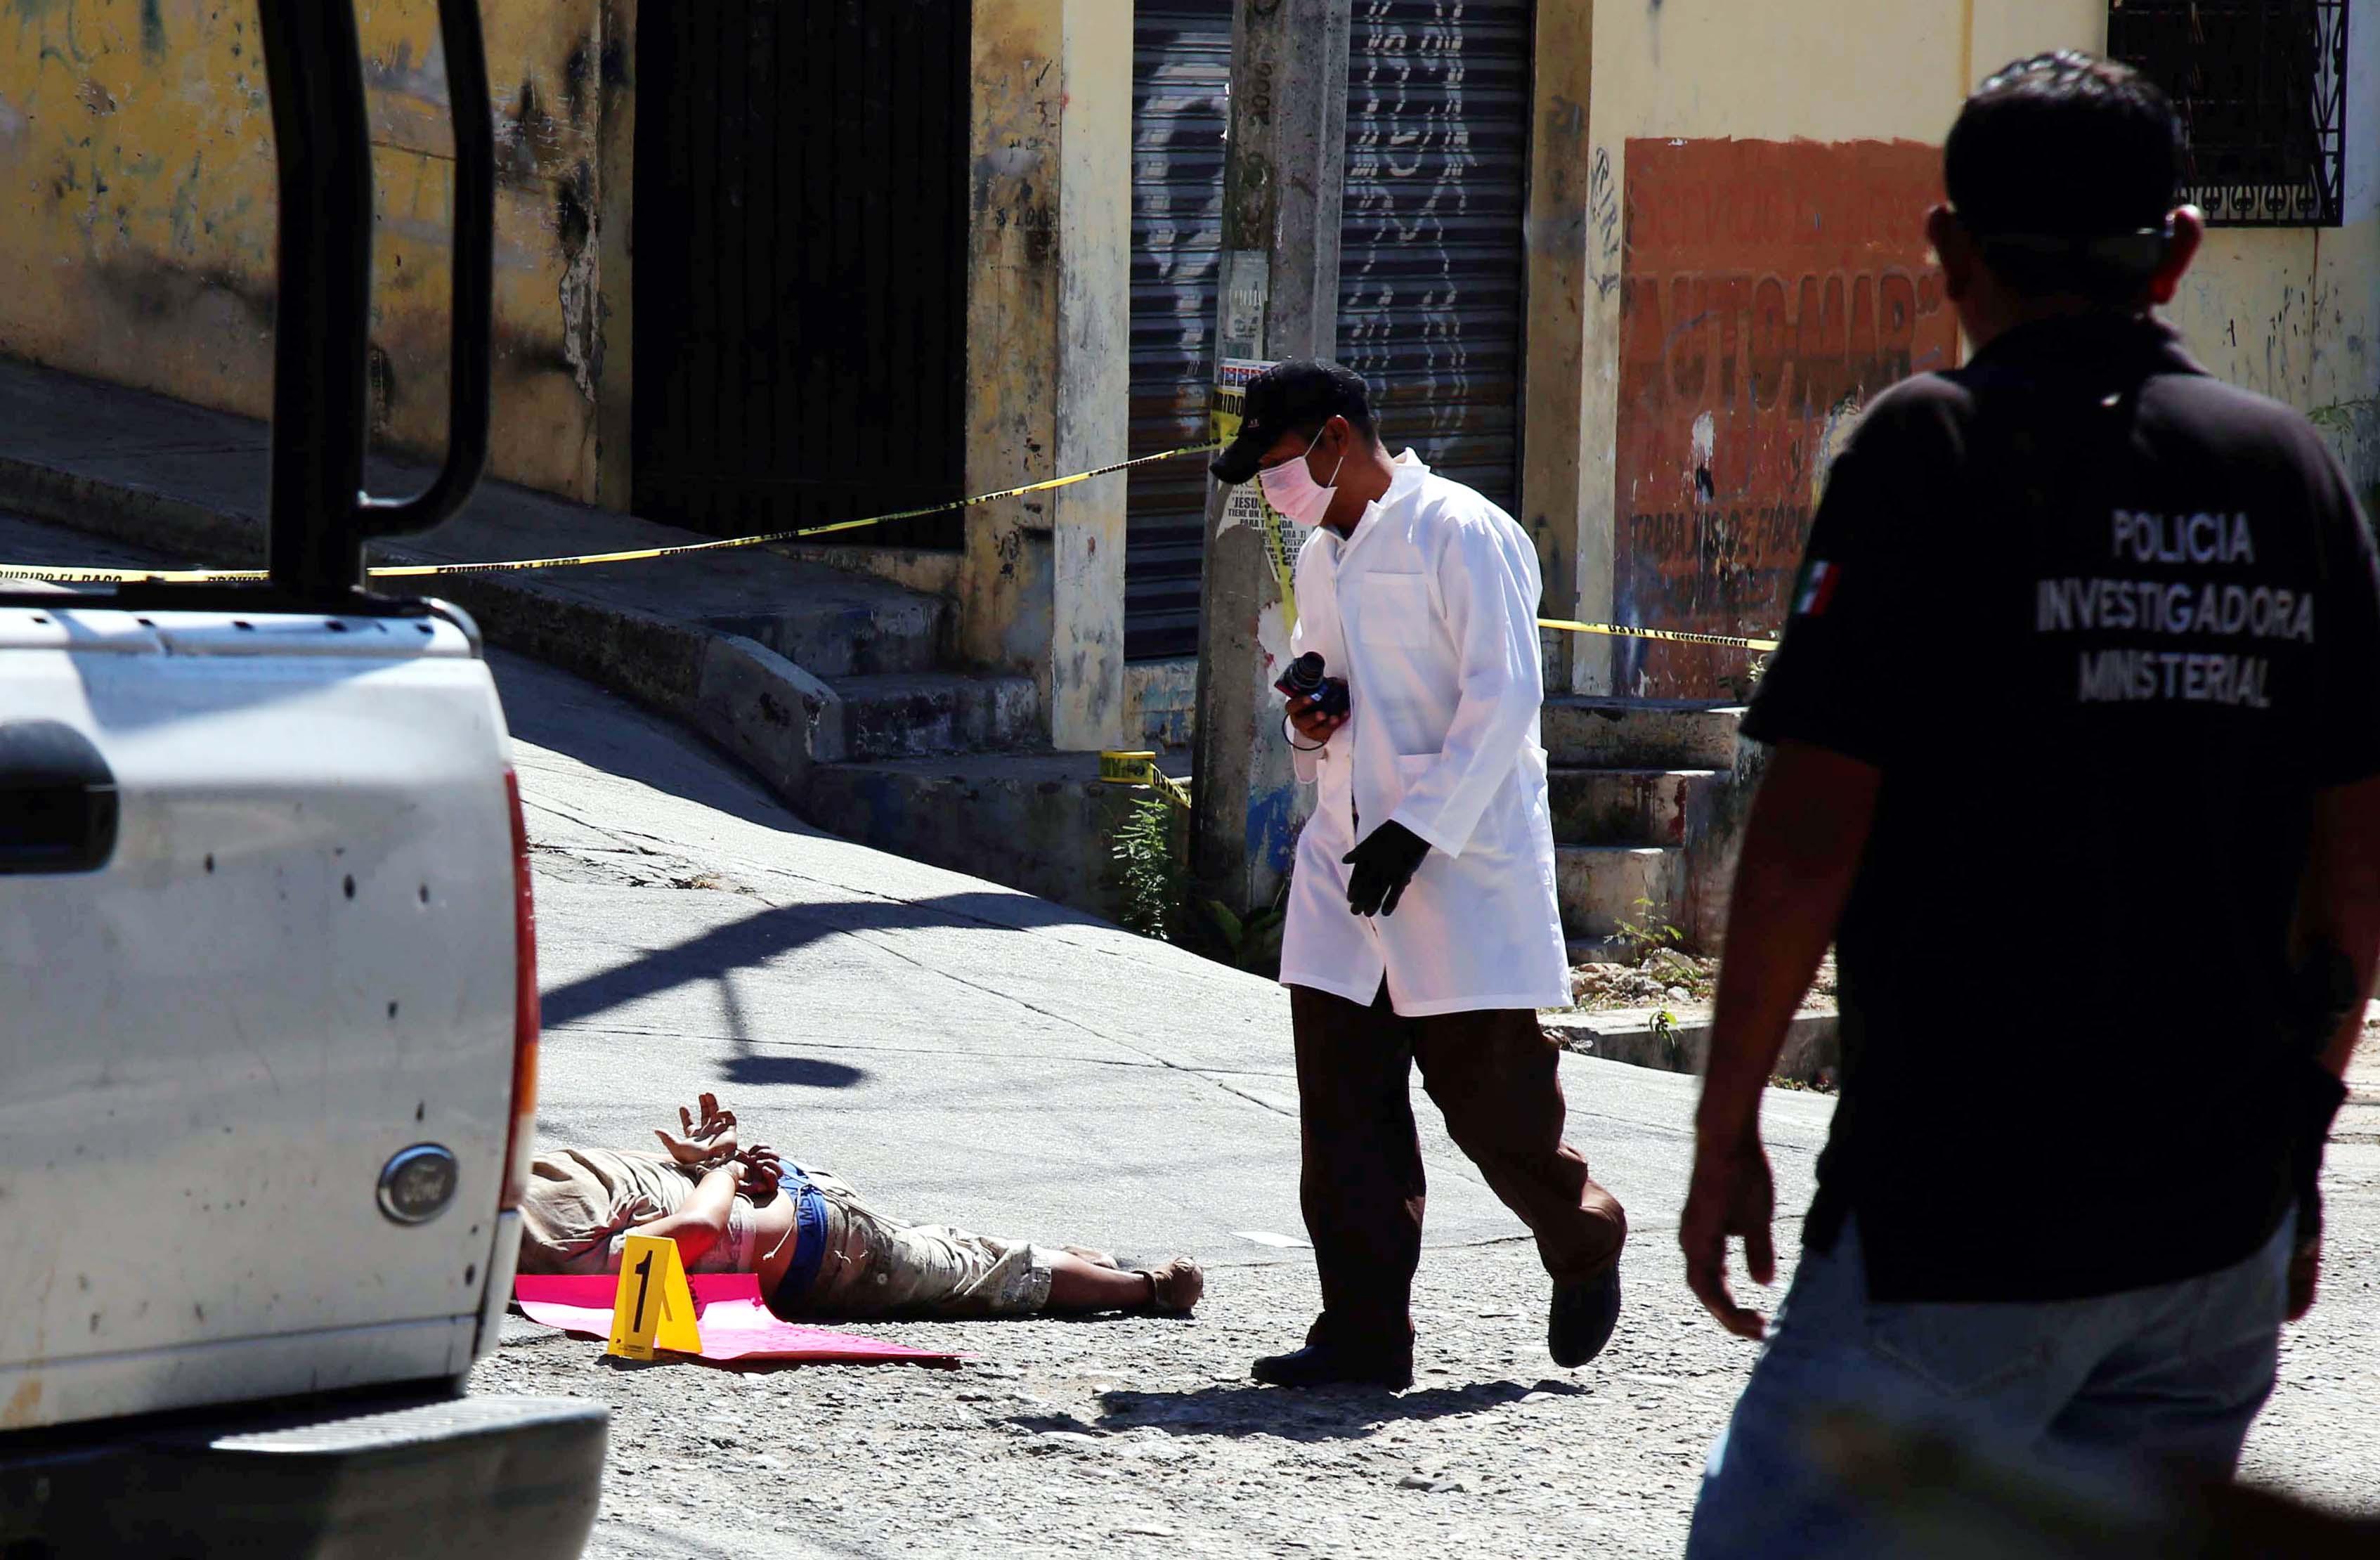 14-Febrero-2018 Acapulco, Gro. El cuerpo del hombre asesinado y junto a él dejaron un narco mensaje, en la colonia 20 de Noviembre de Acapulco   . Foto: Carlos Alberto Carbajal